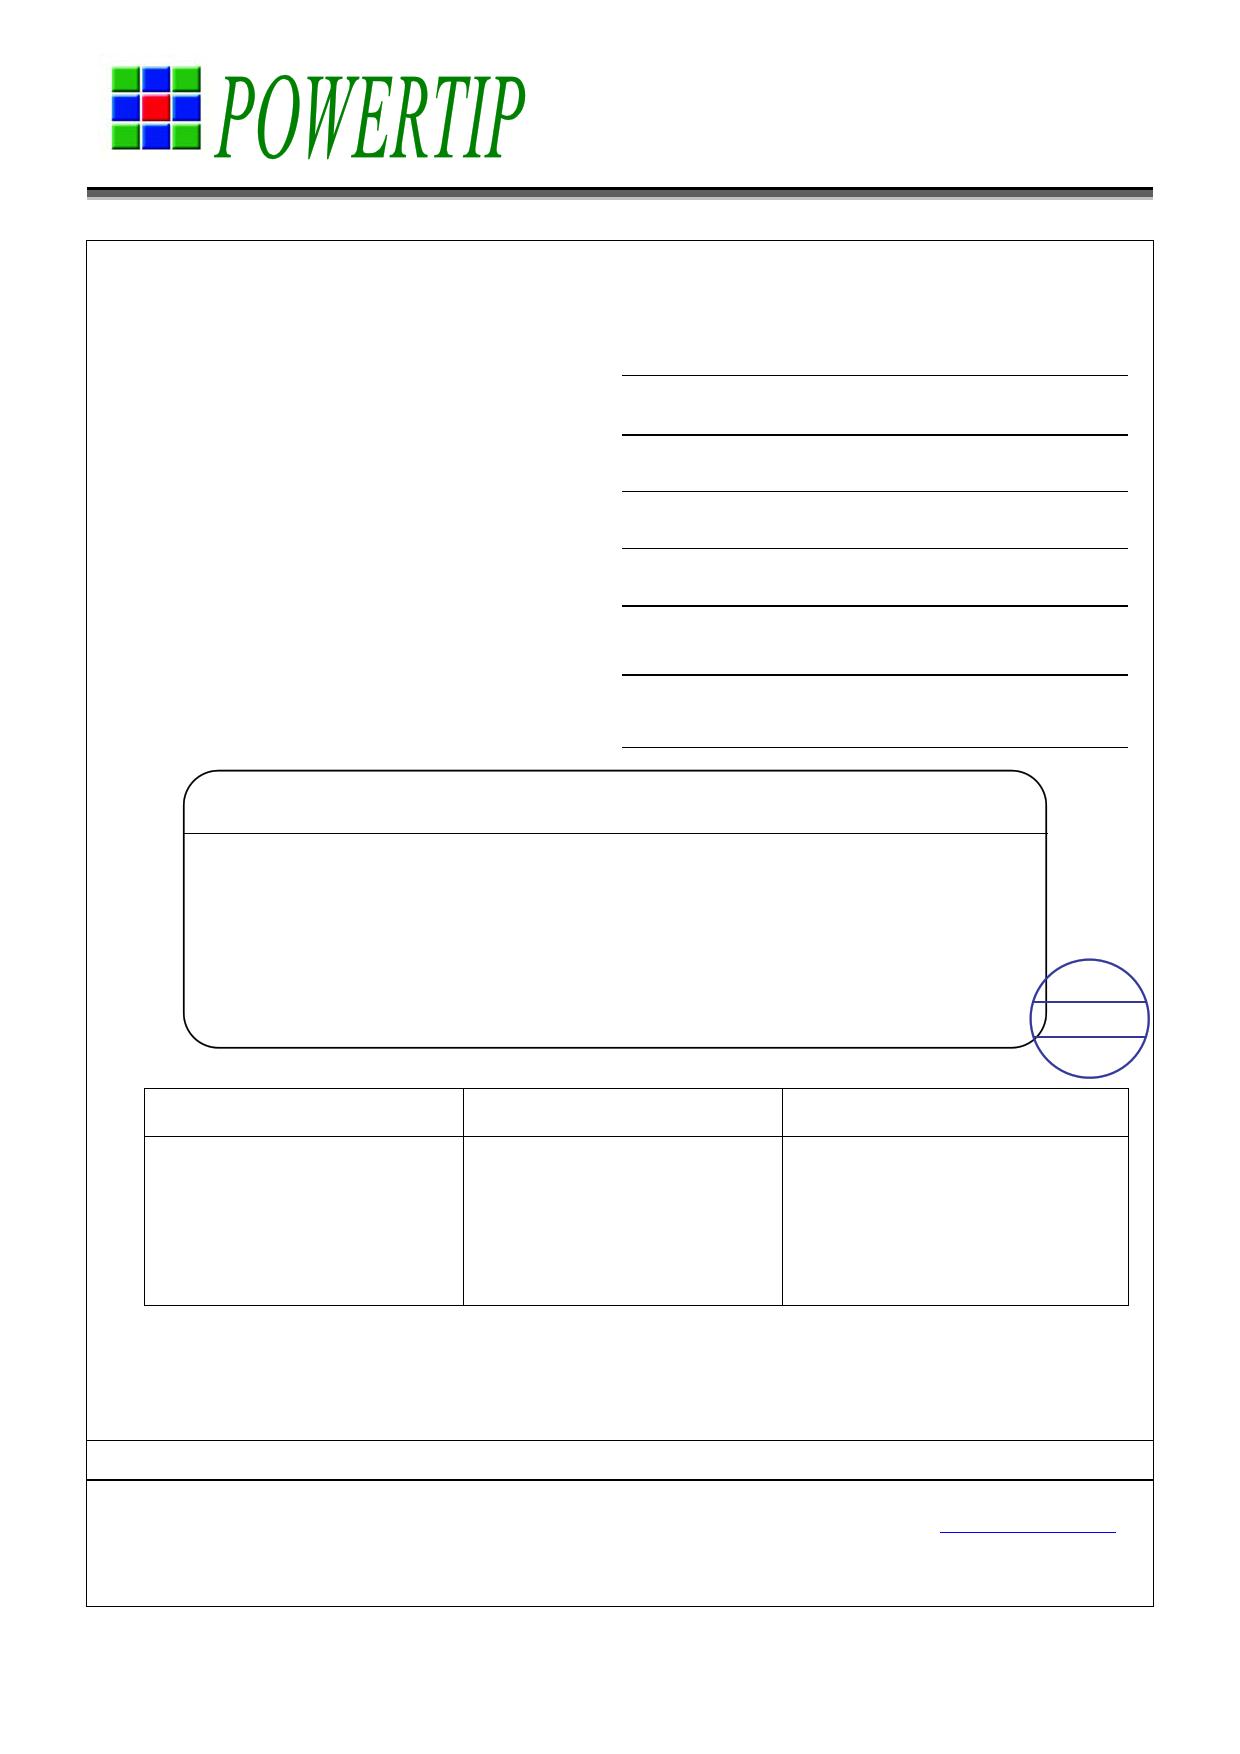 PG320240WRMDBAI30Q 데이터시트 및 PG320240WRMDBAI30Q PDF